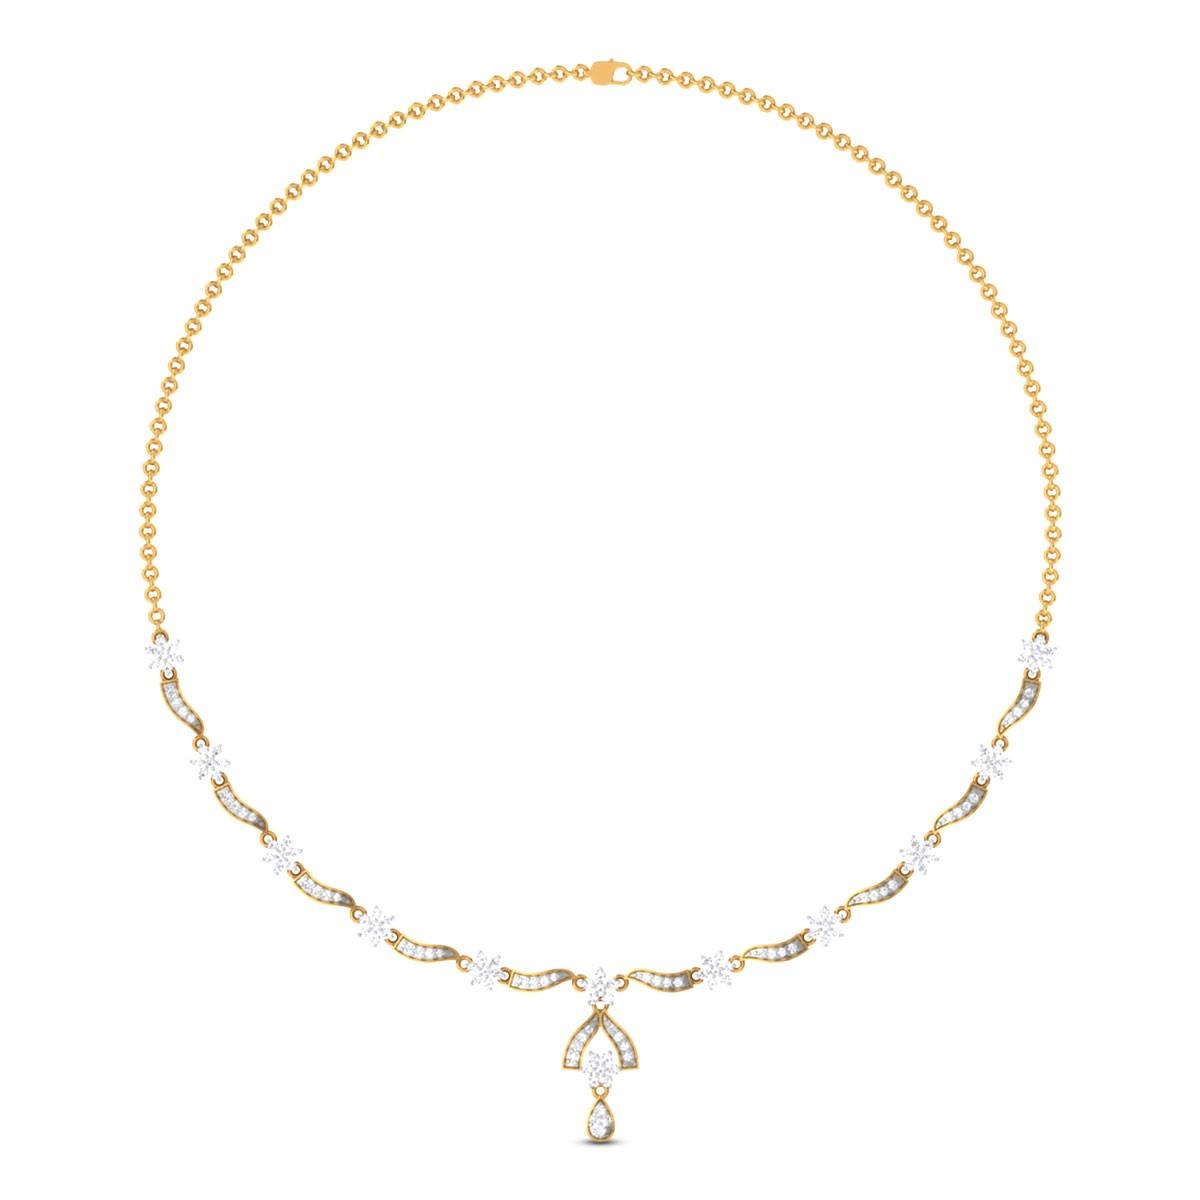 Shighra Diamond Necklace